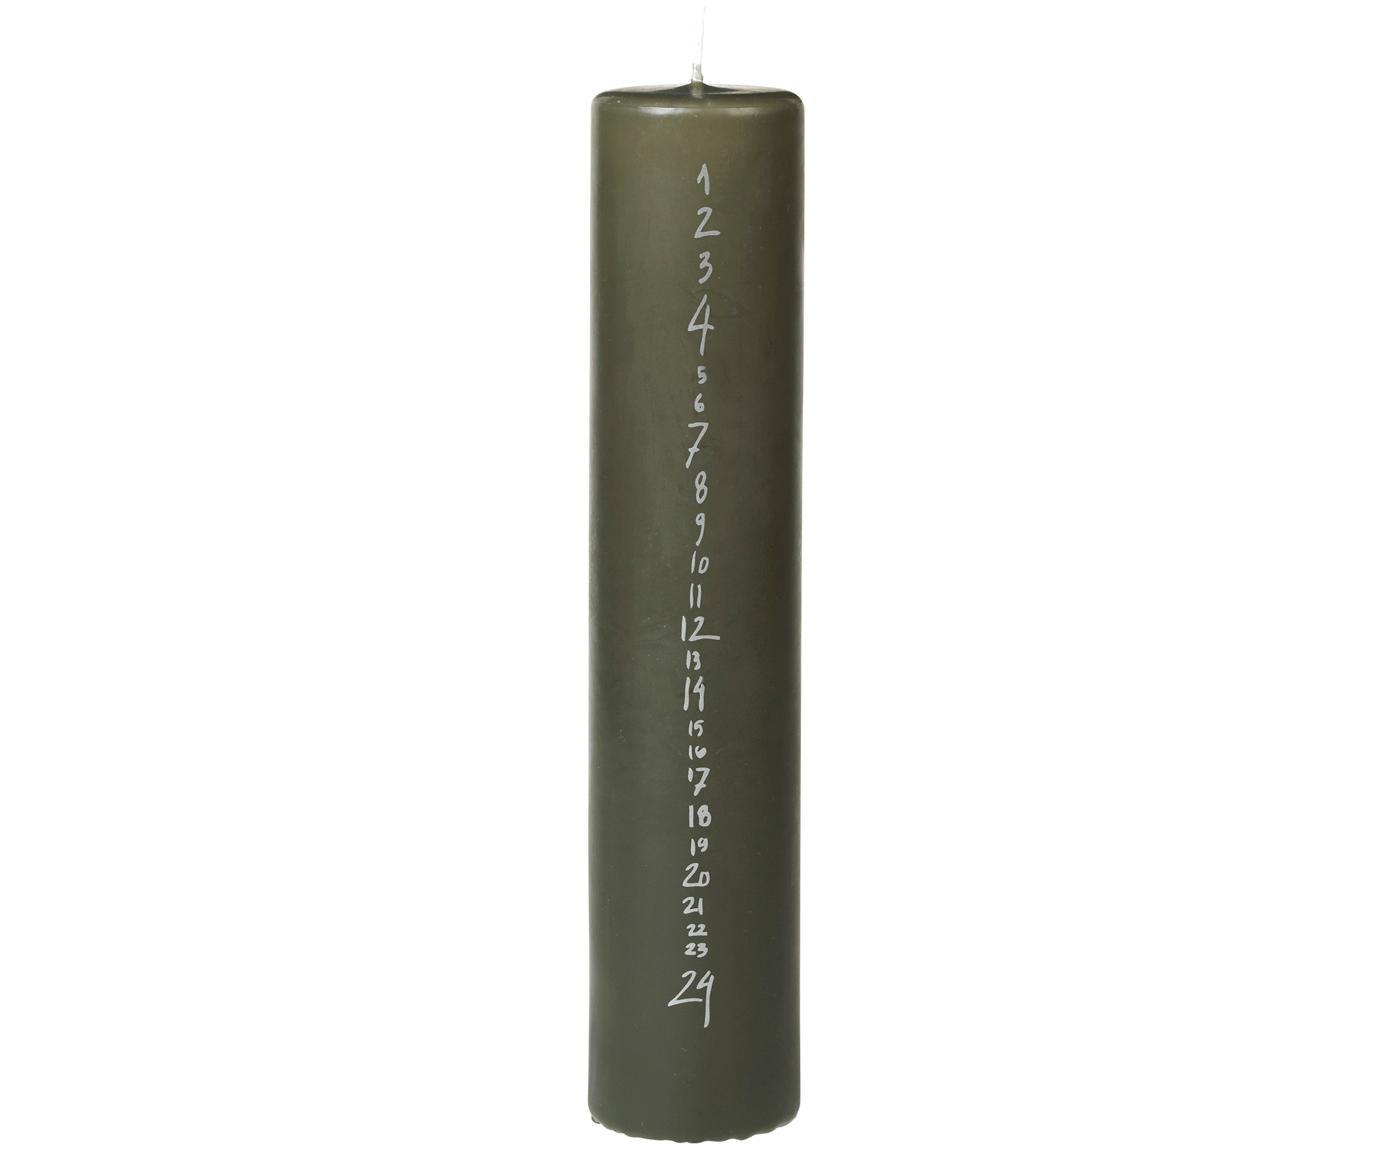 Vela de Adviento Leaf, Parafina, Verde oscuro, plateado, Ø 5 x Al 25 cm